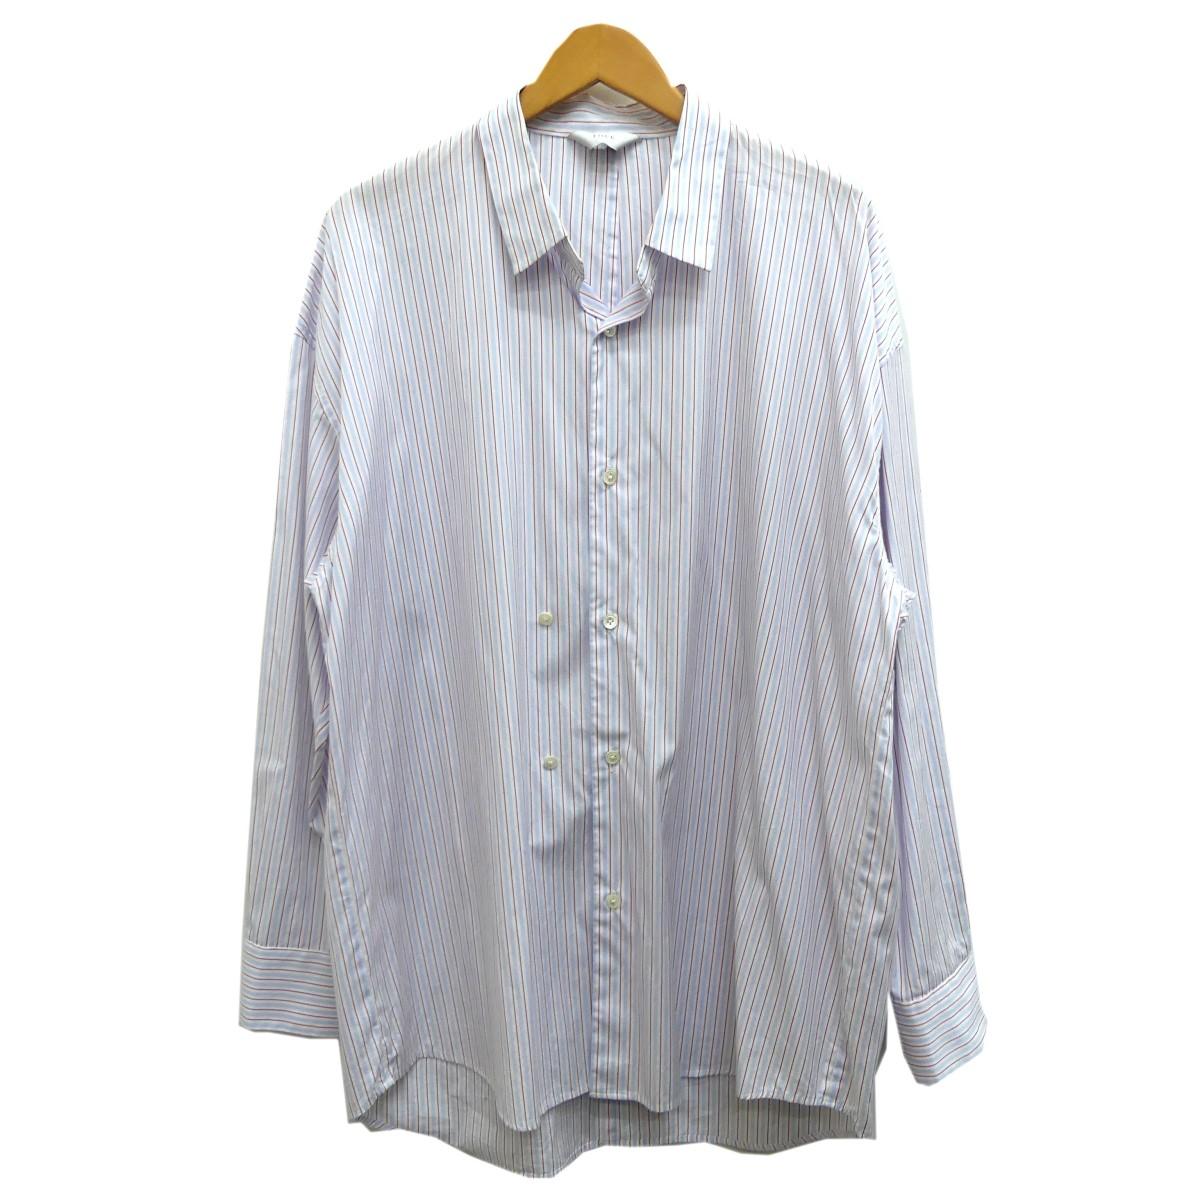 【中古】THEE double-buttoned shirts ストライプ柄シャツ レッド×ブルー サイズ:2 【230420】(シー)